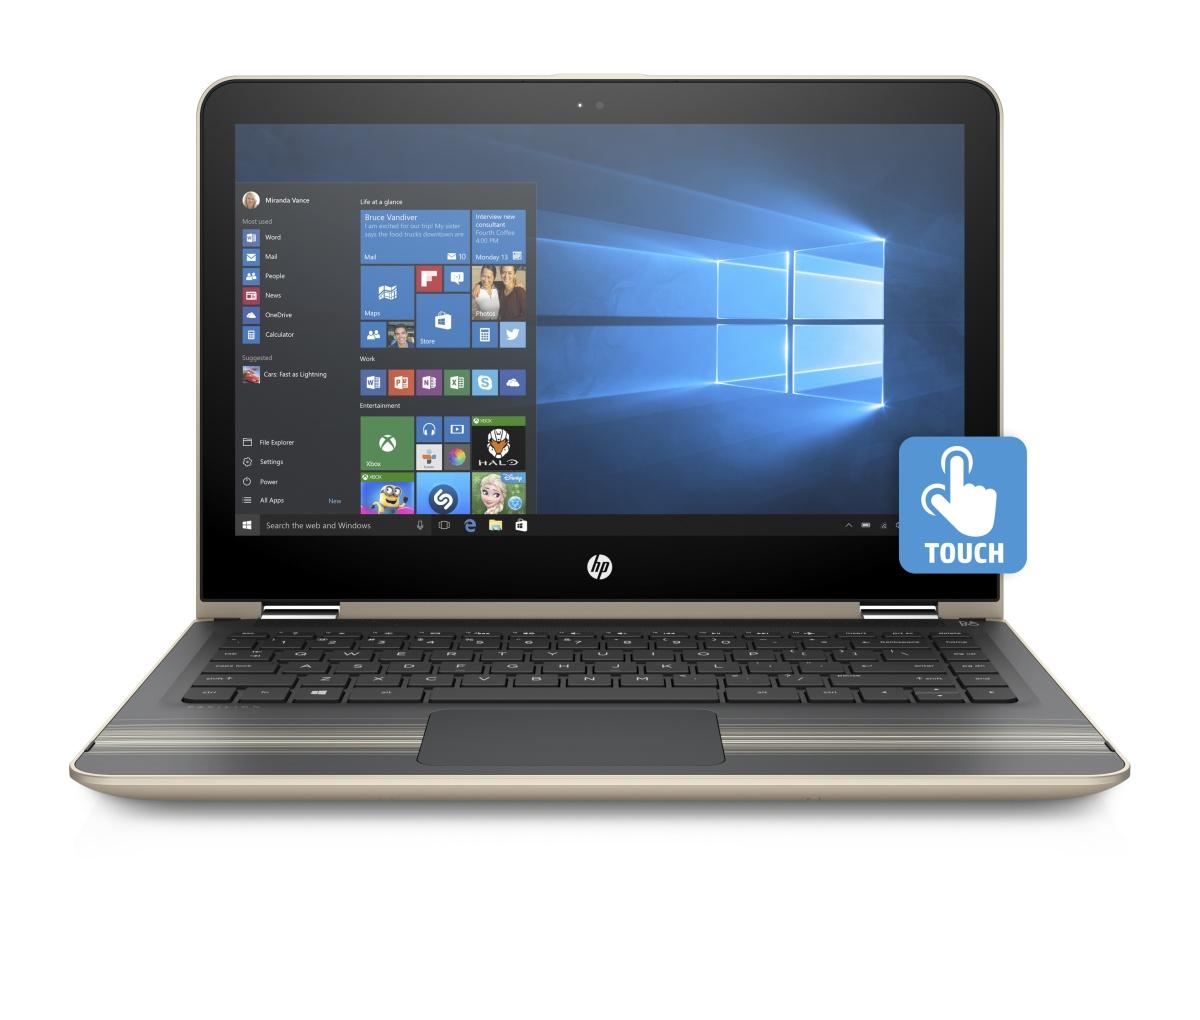 """HP Pavilion 13 x360 -u101nc/Intel i3-7100U/4GB/500GB SSHD/Intel HD 620/ 13,3"""" FHD/Win 10/zlatá"""